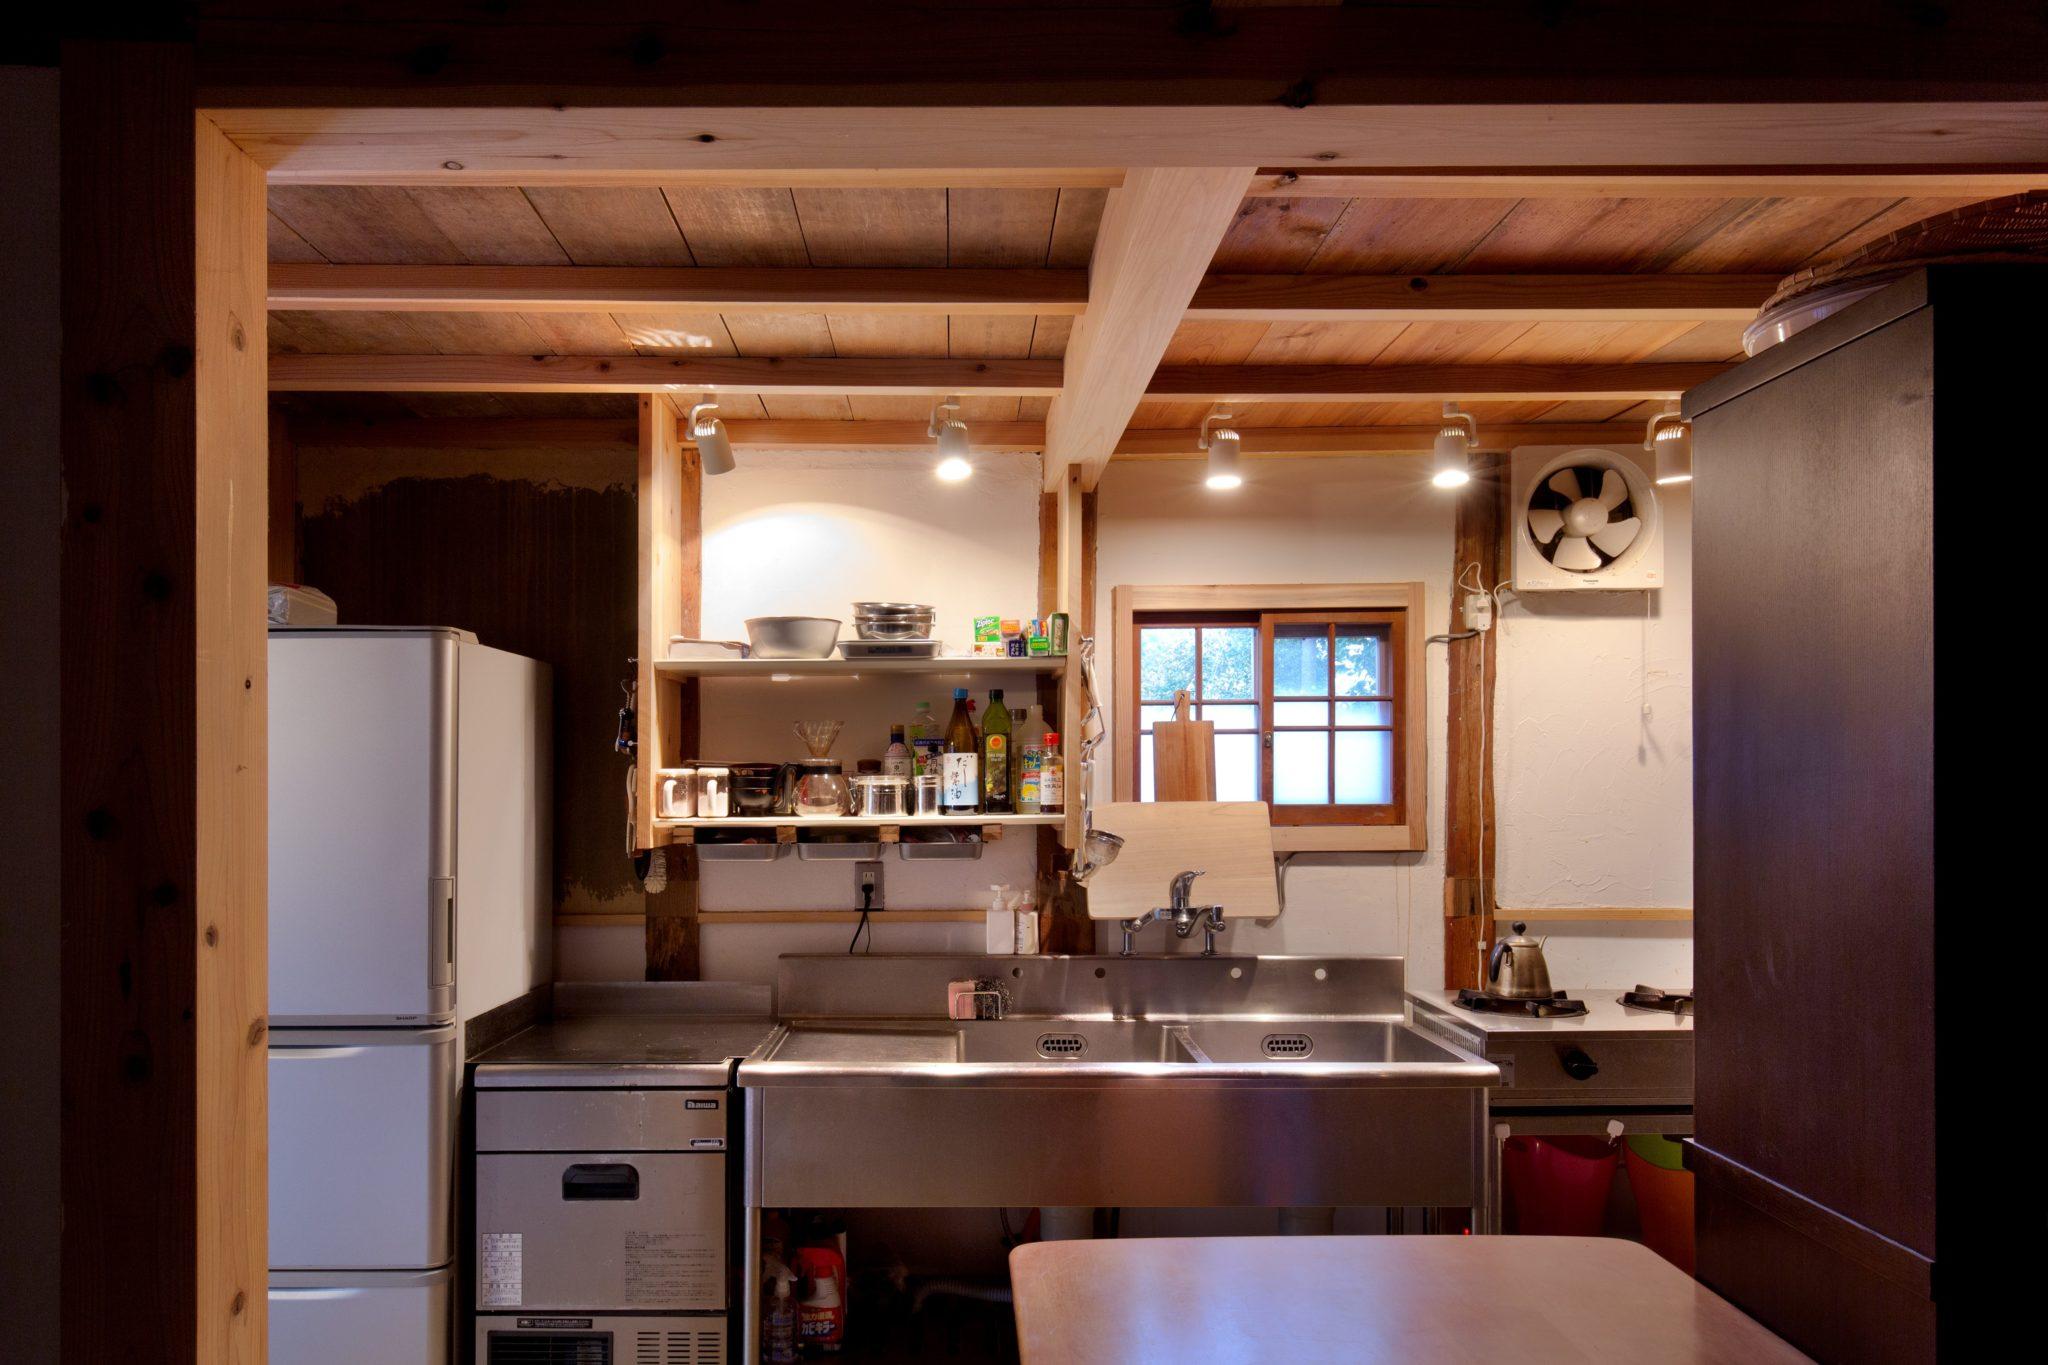 昔からお世話になっている「リサイクル徳島」でみつくろった業務用キッチンと、「万年山文庫」から受け継いだ製氷機。小窓は内野設計古建具コレクションから。棚は自作。